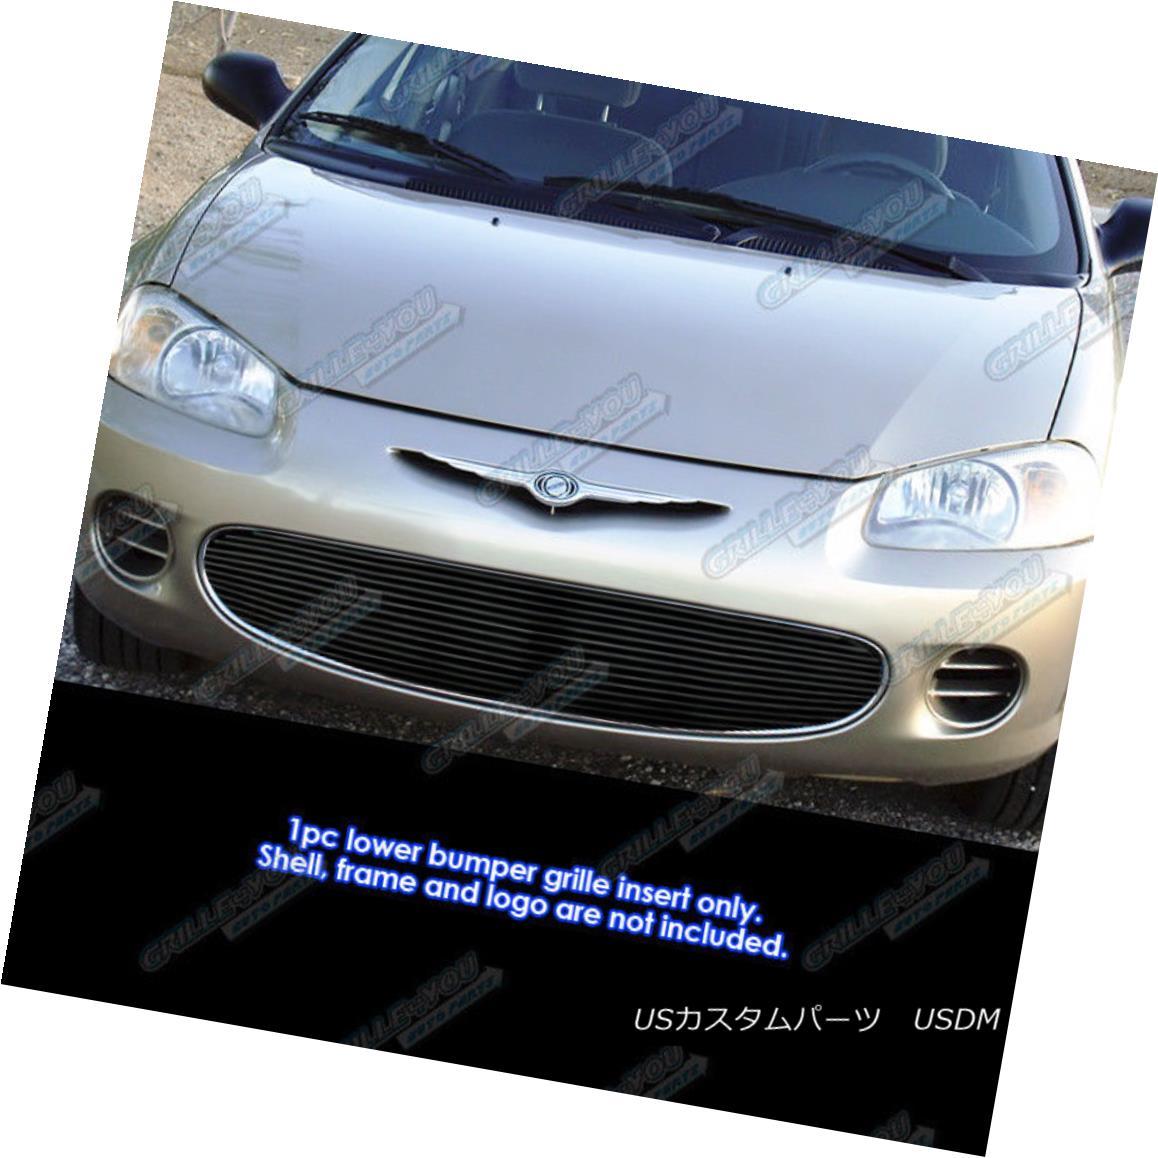 グリル Fits 2001-2003 Chrysler Sebring Sedan Black Billet Grille Grill Insert 2001-2003年に合うChrysler Sebringセダンブラックビレットグリルグリルインサート